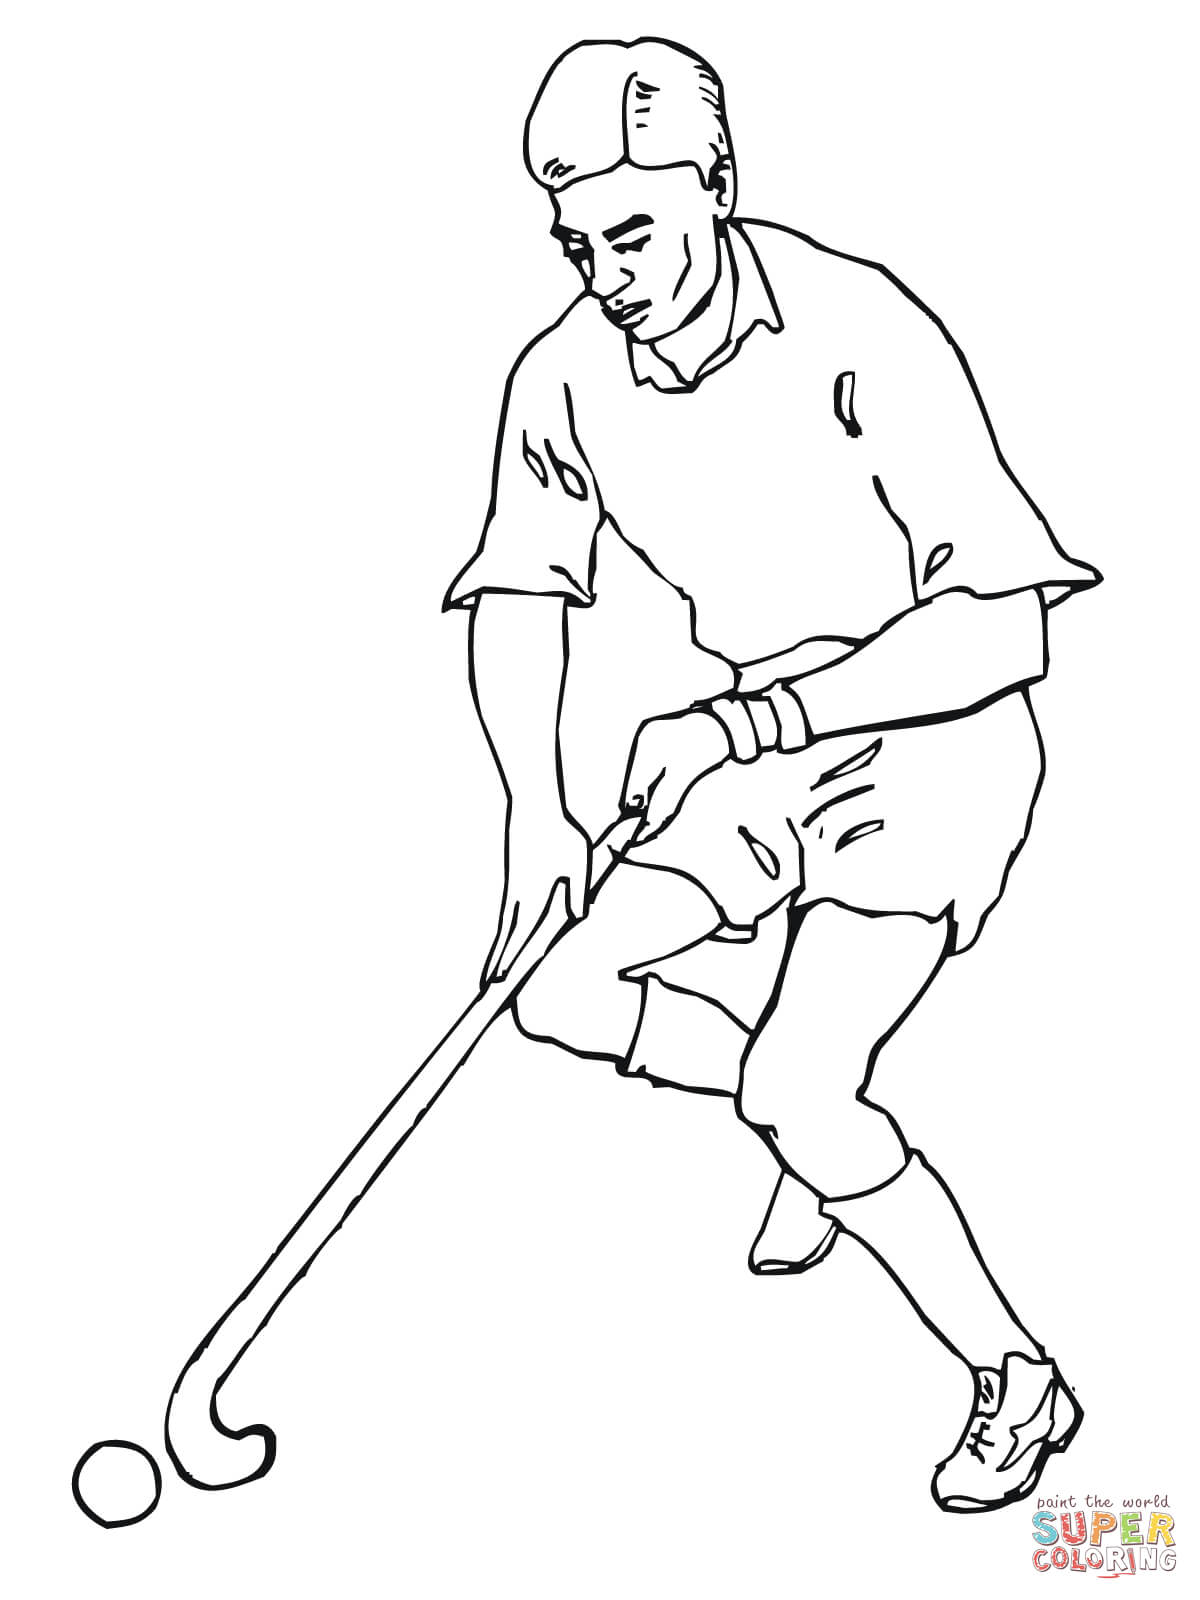 Disegno Di Giochiamo A Hockey Su Prato Da Colorare